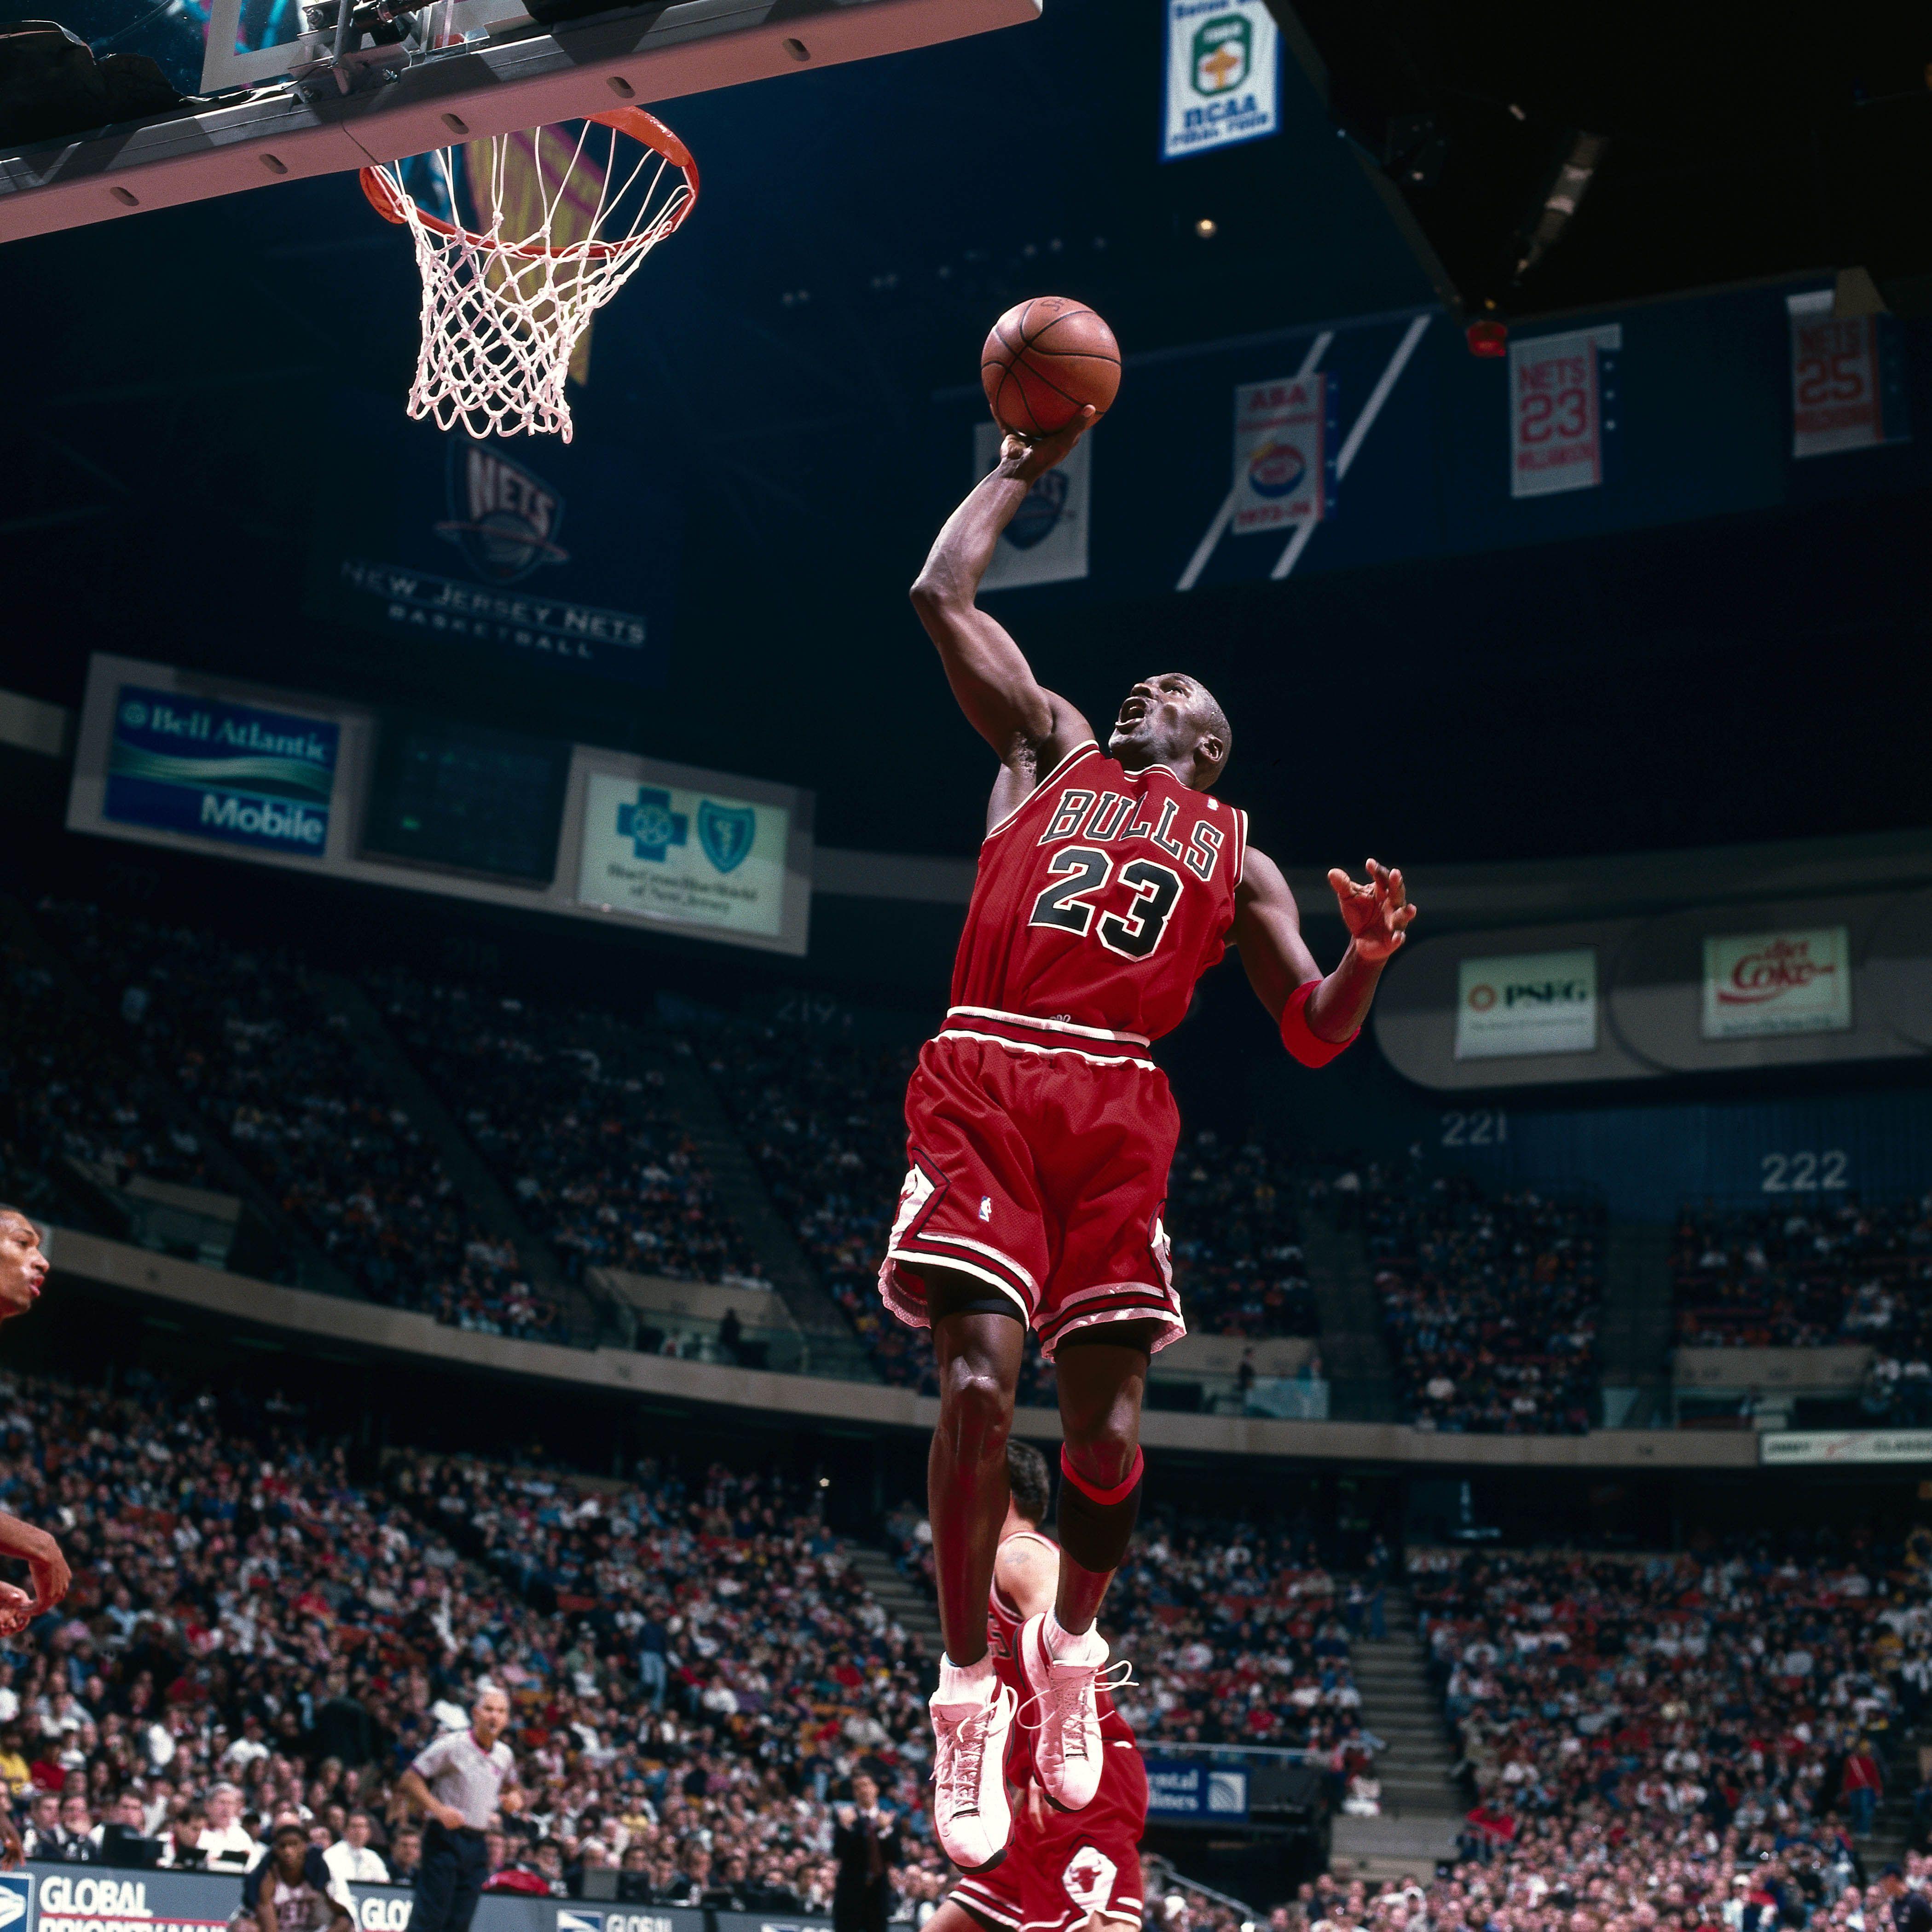 Michael Jordan dunk